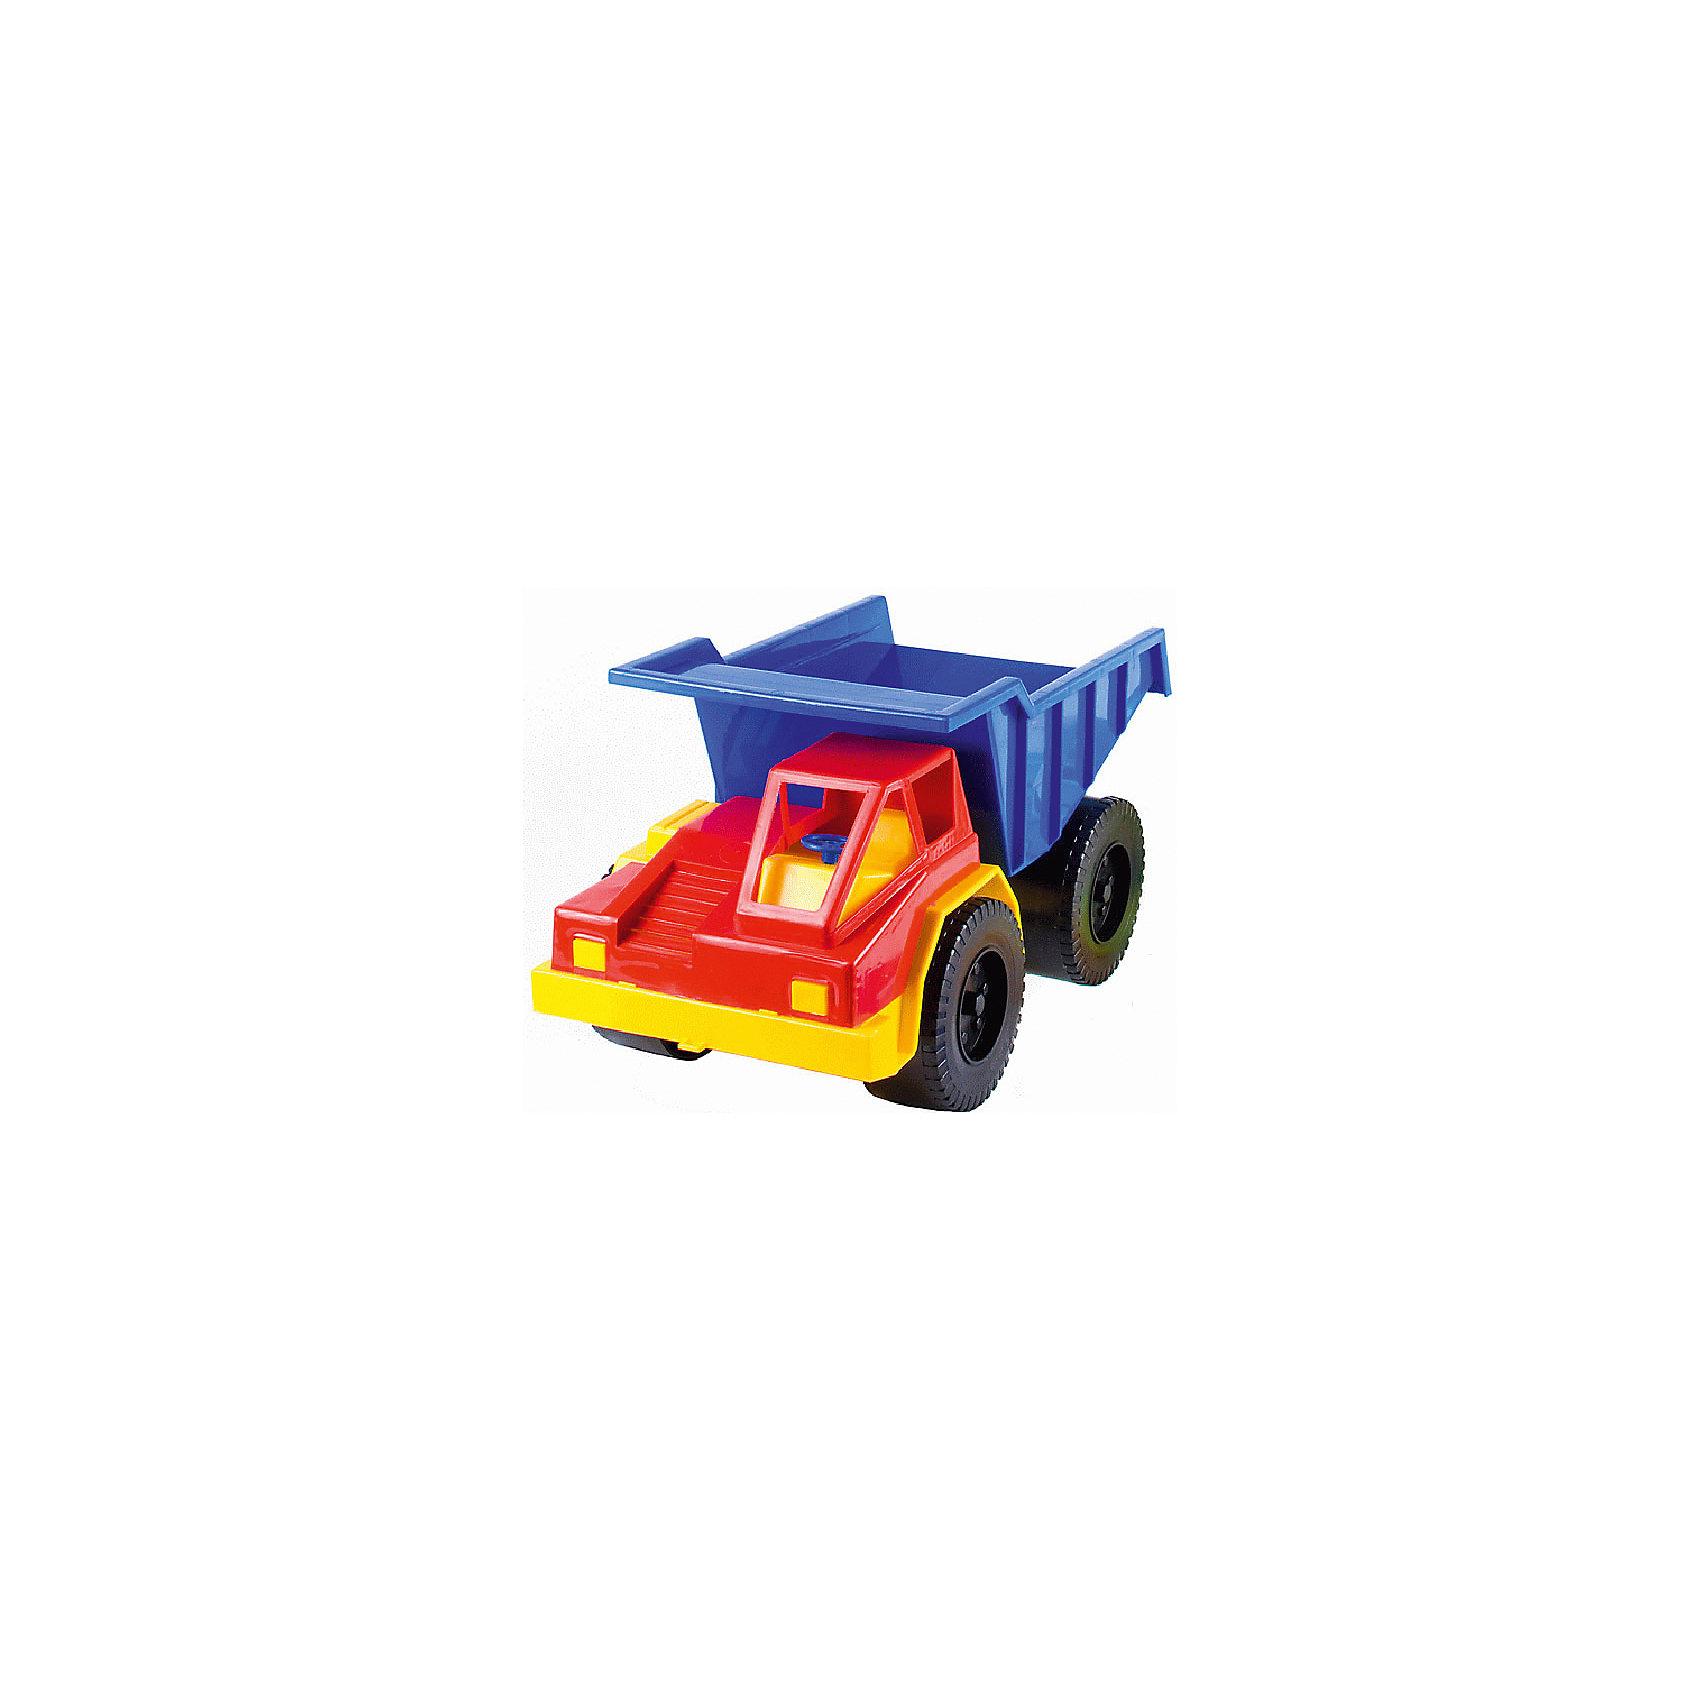 Грузовик карьерный, КАССОНГрузовик карьерный, КАССОН.<br><br>Характеристики:<br><br>- Материал: пластик<br>- Цвет: красный, синий, желтый.<br>- Размер: 450x270x250 мм.<br><br>Такая игрушка, безусловно, привлечет внимание вашего мальчика. Модель выполнена  из яркого безопасного пластика. Игрушка представляет собой модель автомобиля спецтехники. Она выполнена из качественного и безопасного пластика. Колеса машинки имеют свободный ход. Кузове грузовичка поднимается и опускается. С такой игрушкой ваш ребенок сможет придумывать и обыгрывать различные игровые сюжеты. Грузовичок можно брать с собой в песочницу. Порадуйте своего мальчика, подарив ему такую машинку!<br><br>Грузовик карьерный, КАССОН можно купить в нашем интернет - магазине.<br><br>Ширина мм: 300<br>Глубина мм: 300<br>Высота мм: 300<br>Вес г: 400<br>Возраст от месяцев: 36<br>Возраст до месяцев: 84<br>Пол: Мужской<br>Возраст: Детский<br>SKU: 4785515